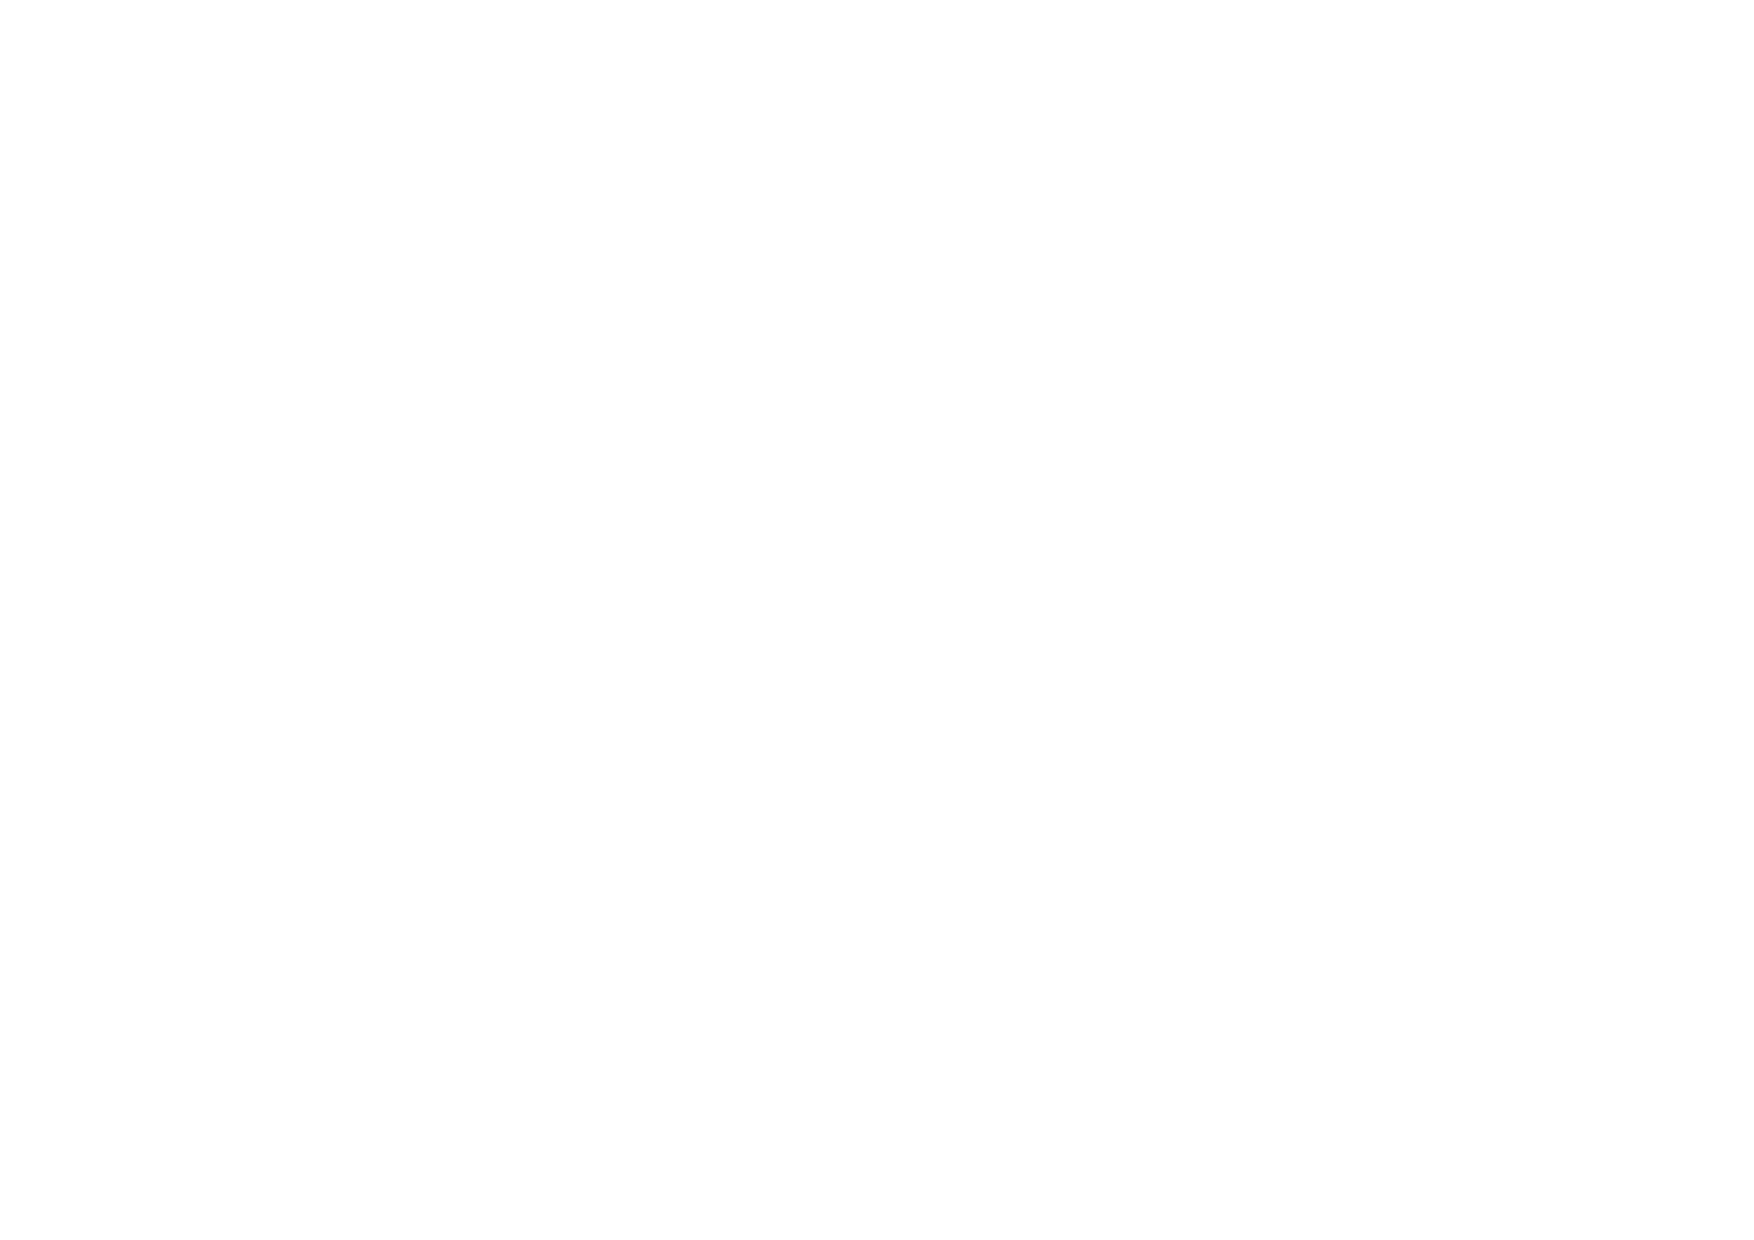 코로나 19와 기업 지속성 – UNGC 회원사 대응 사례집